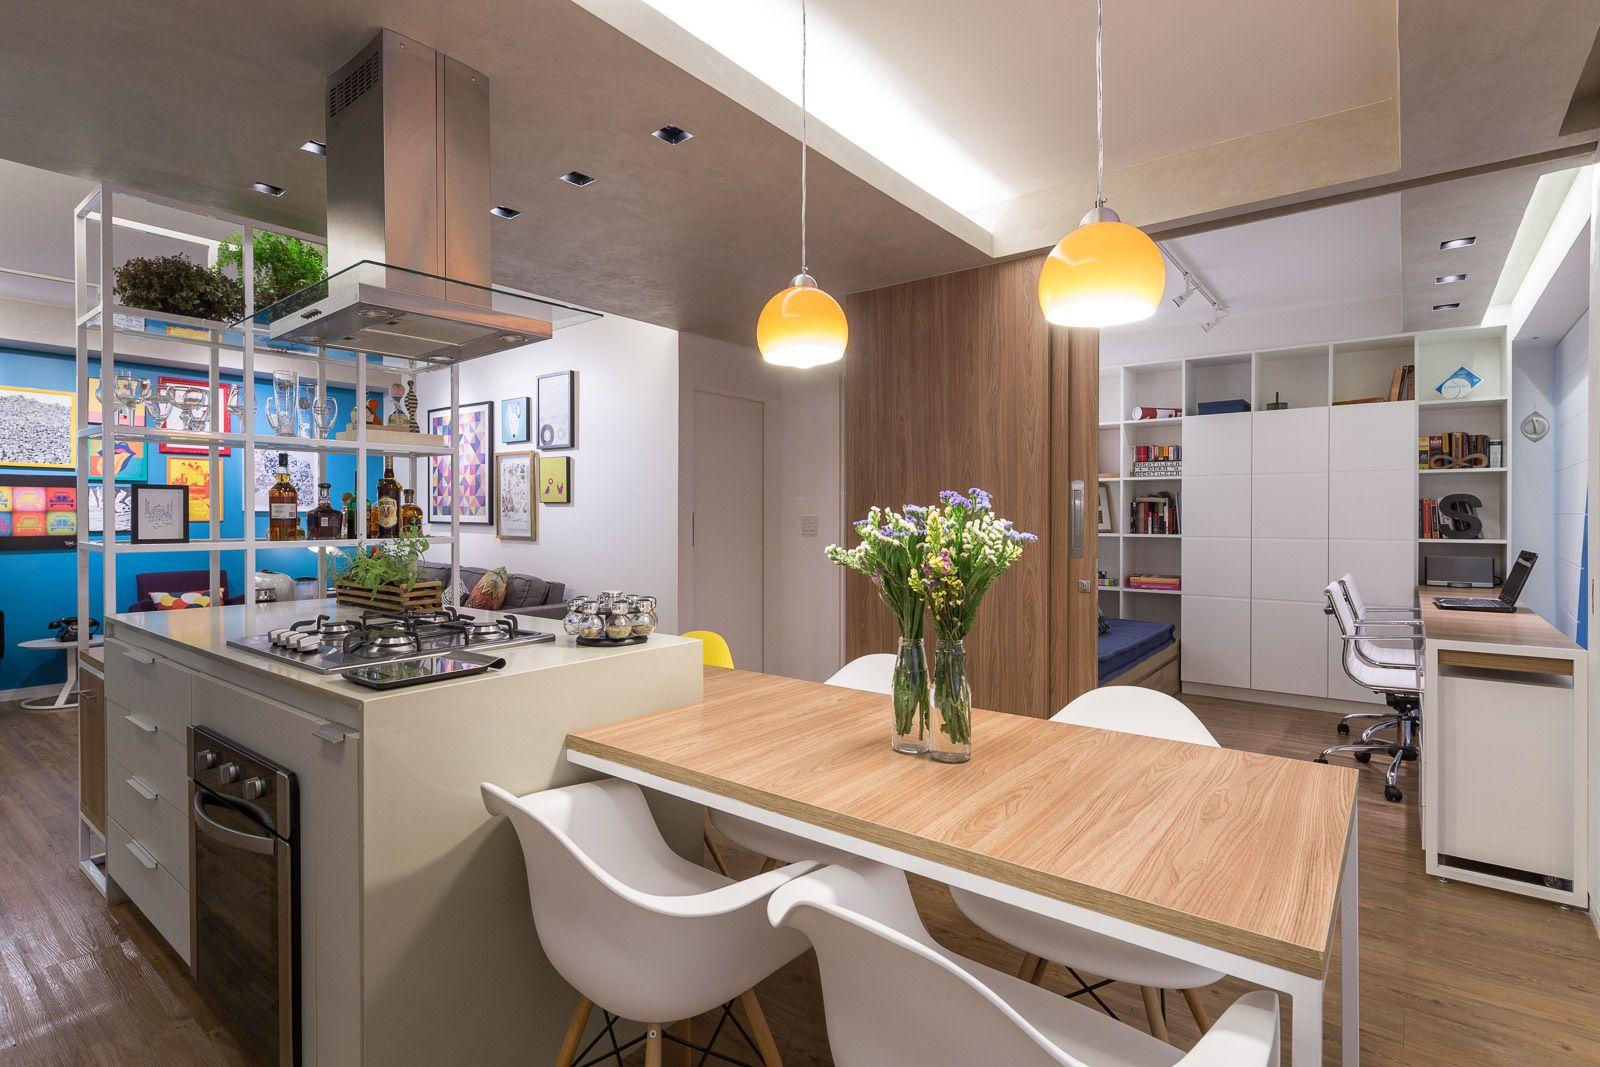 Galeria apartamento trama semerene arquitetura interior 16